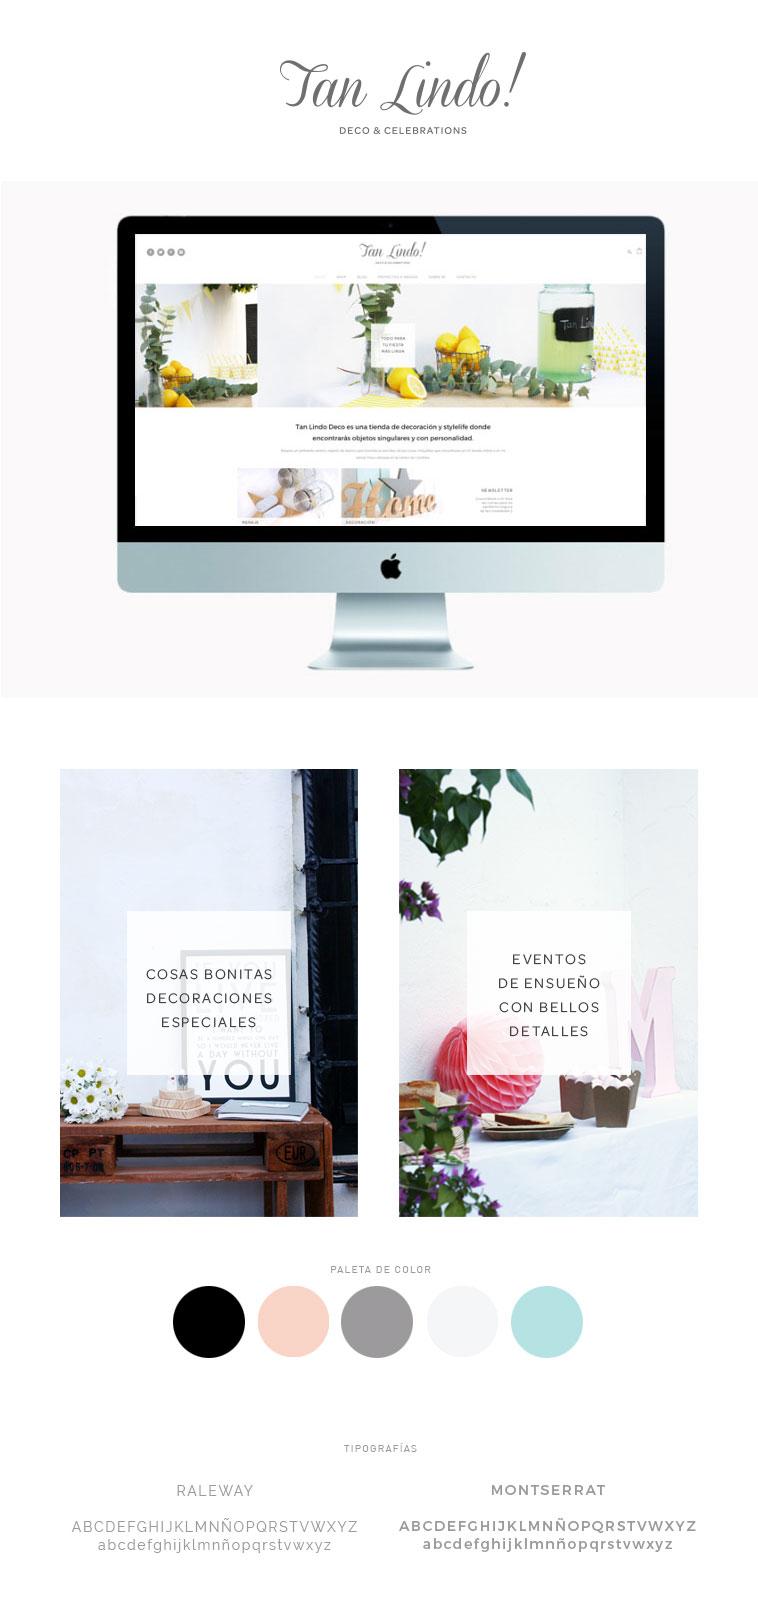 diseño de tienda online para Tan Lindo Deco & Celebrations...